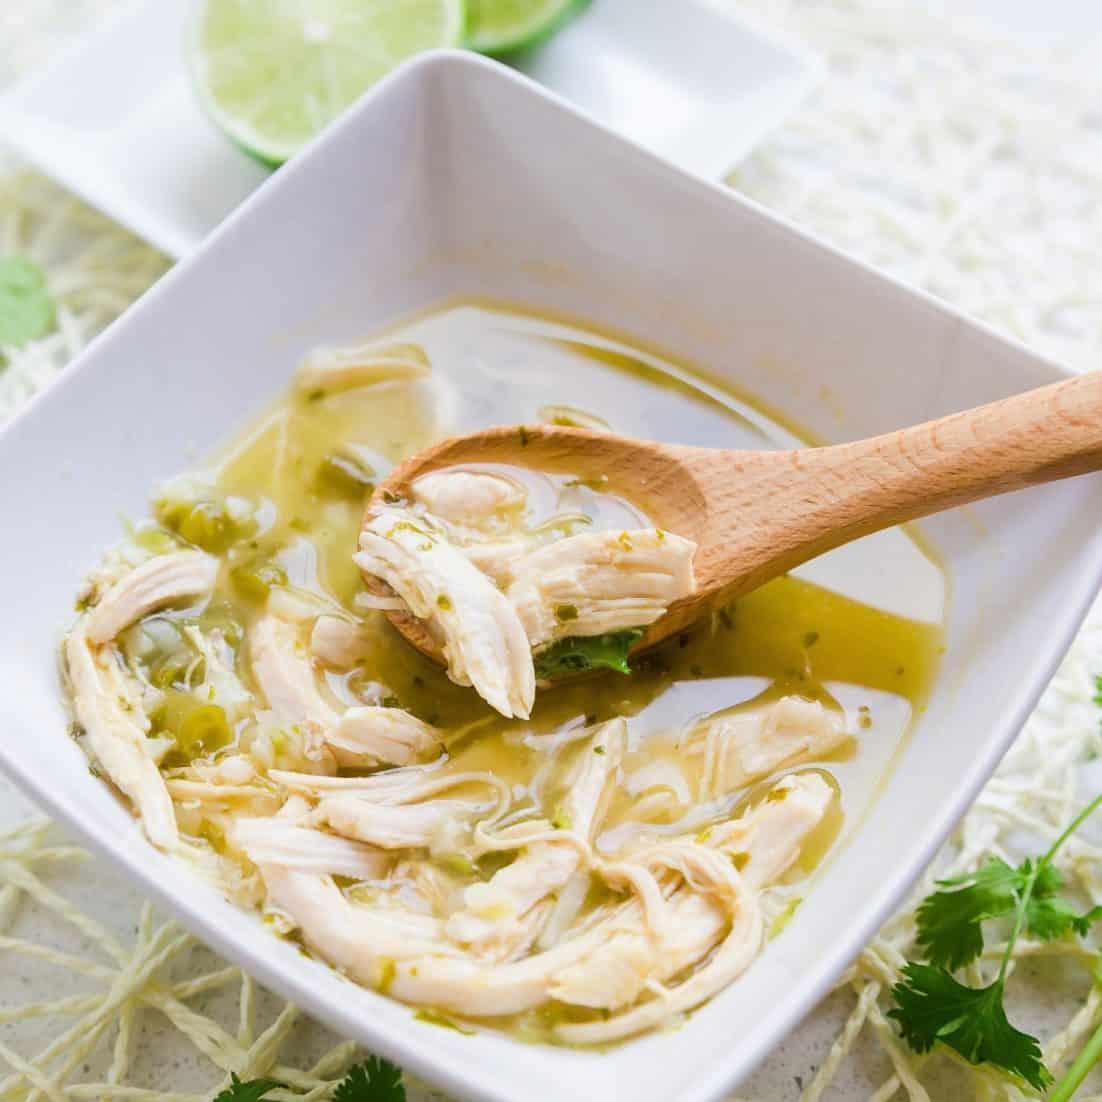 Keto Peruvian Chicken Soup - Aguadito de Pollo LowCarbingAsian Pic 1